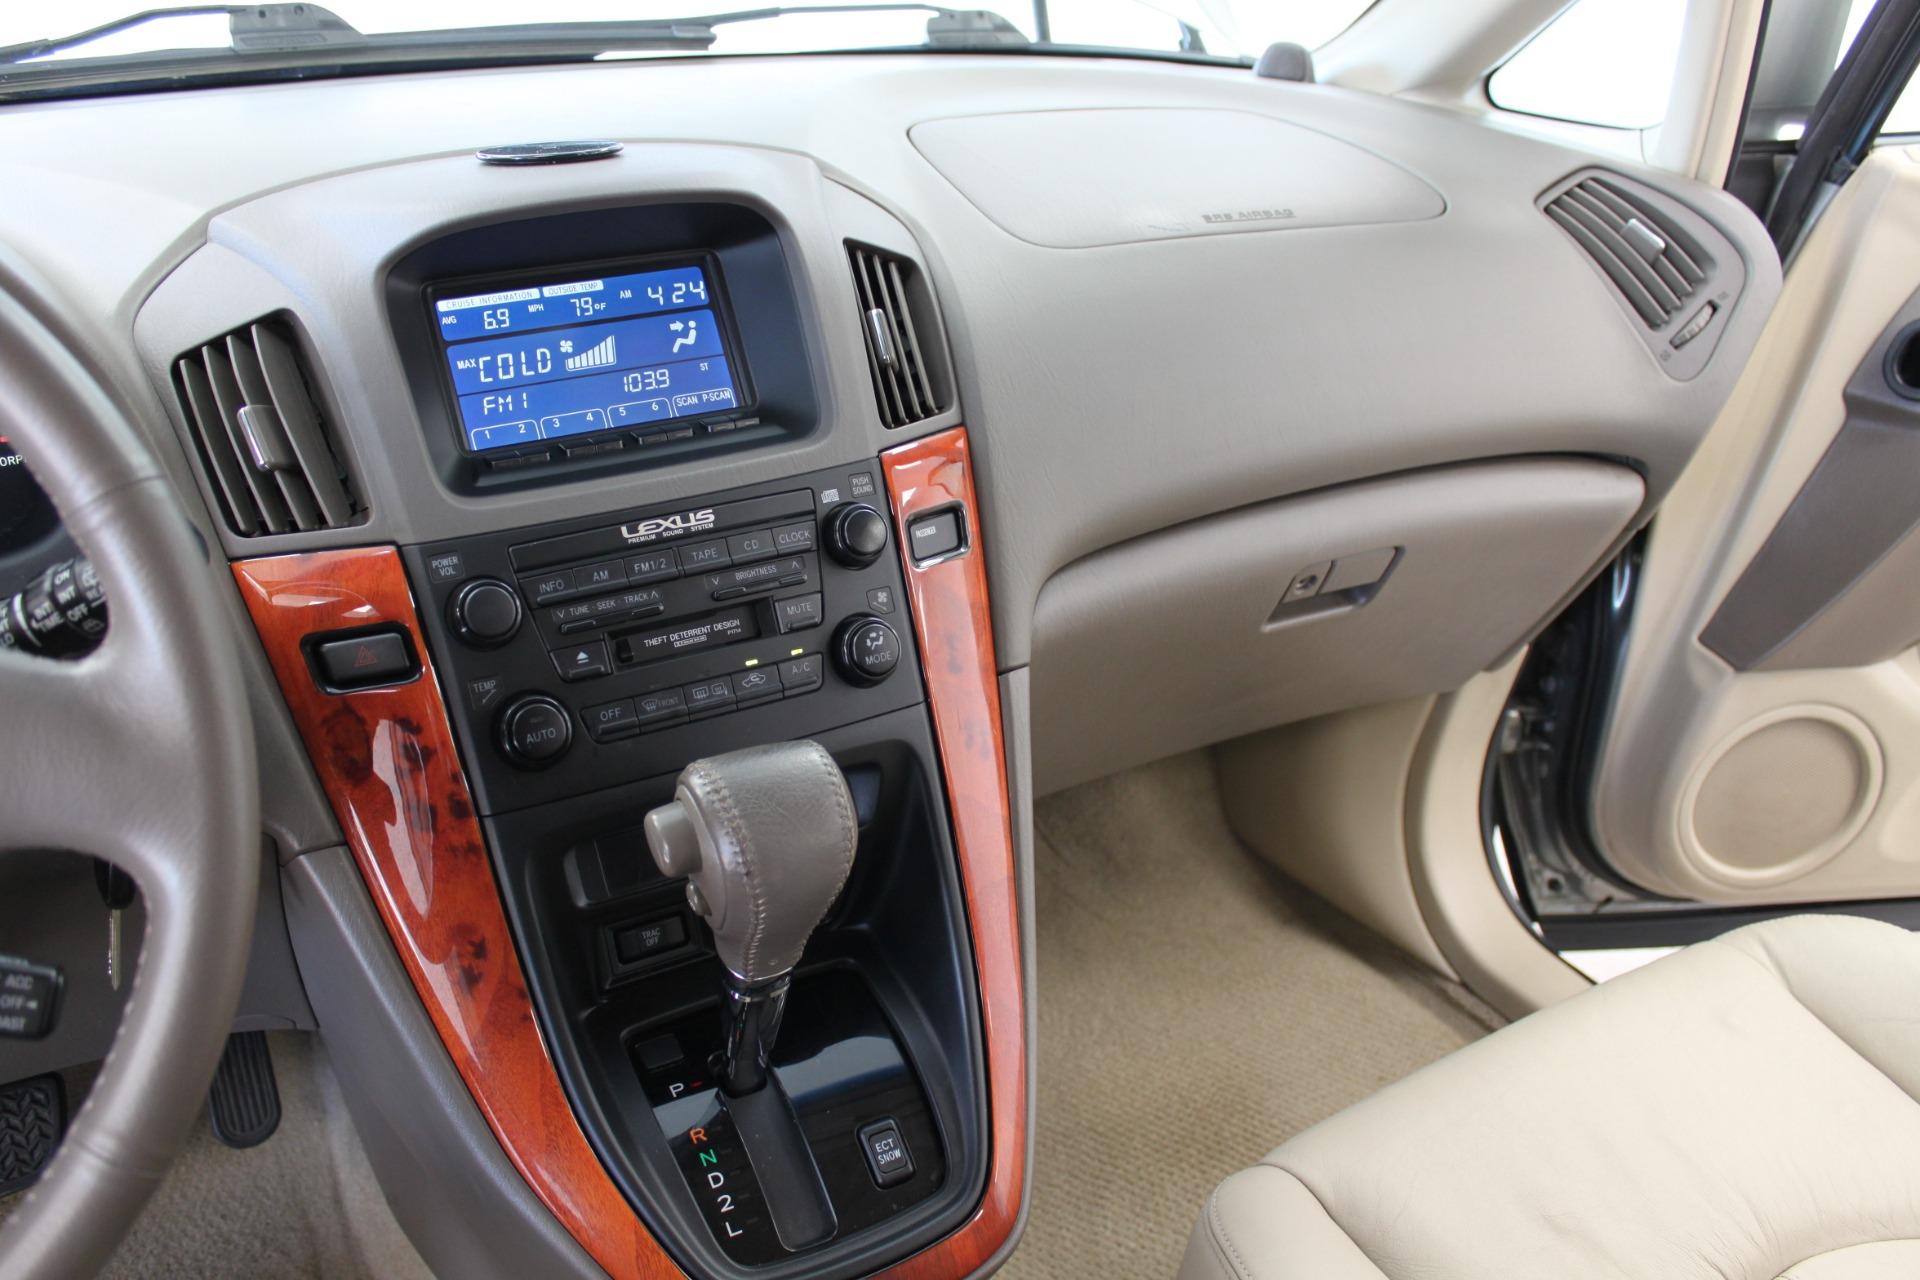 Used-2002-Lexus-RX-300-Range-Rover